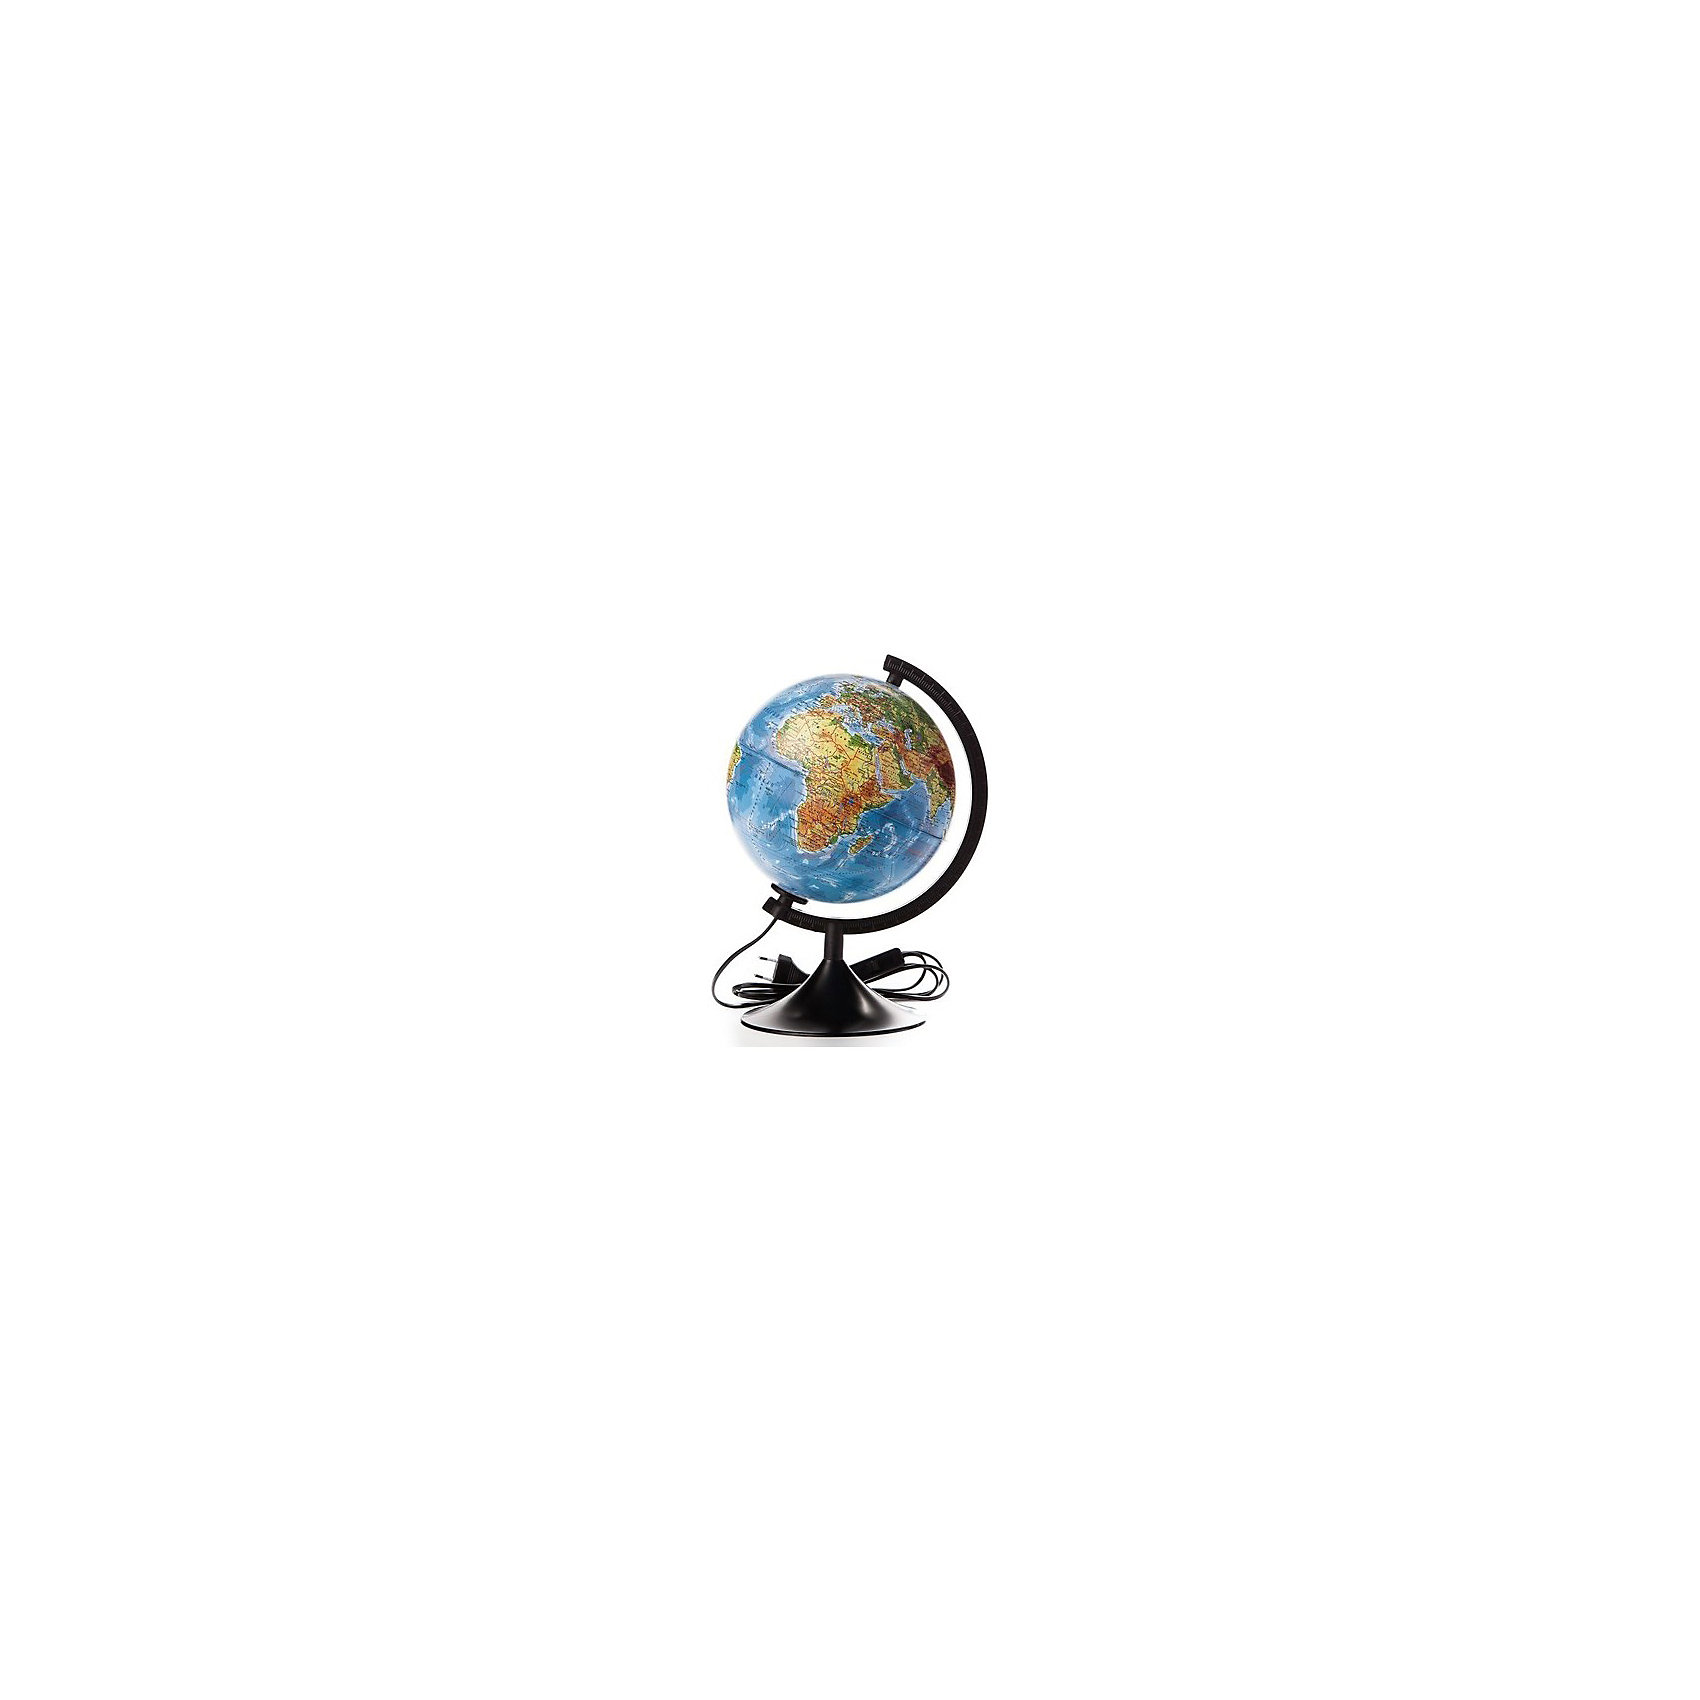 Глобус Земли физико-политический с подсветкой, диаметр 210 ммГлобус Земли д-р 210 физико-политич с подсветкой<br><br>Ширина мм: 230<br>Глубина мм: 210<br>Высота мм: 210<br>Вес г: 500<br>Возраст от месяцев: 72<br>Возраст до месяцев: 2147483647<br>Пол: Унисекс<br>Возраст: Детский<br>SKU: 5504459